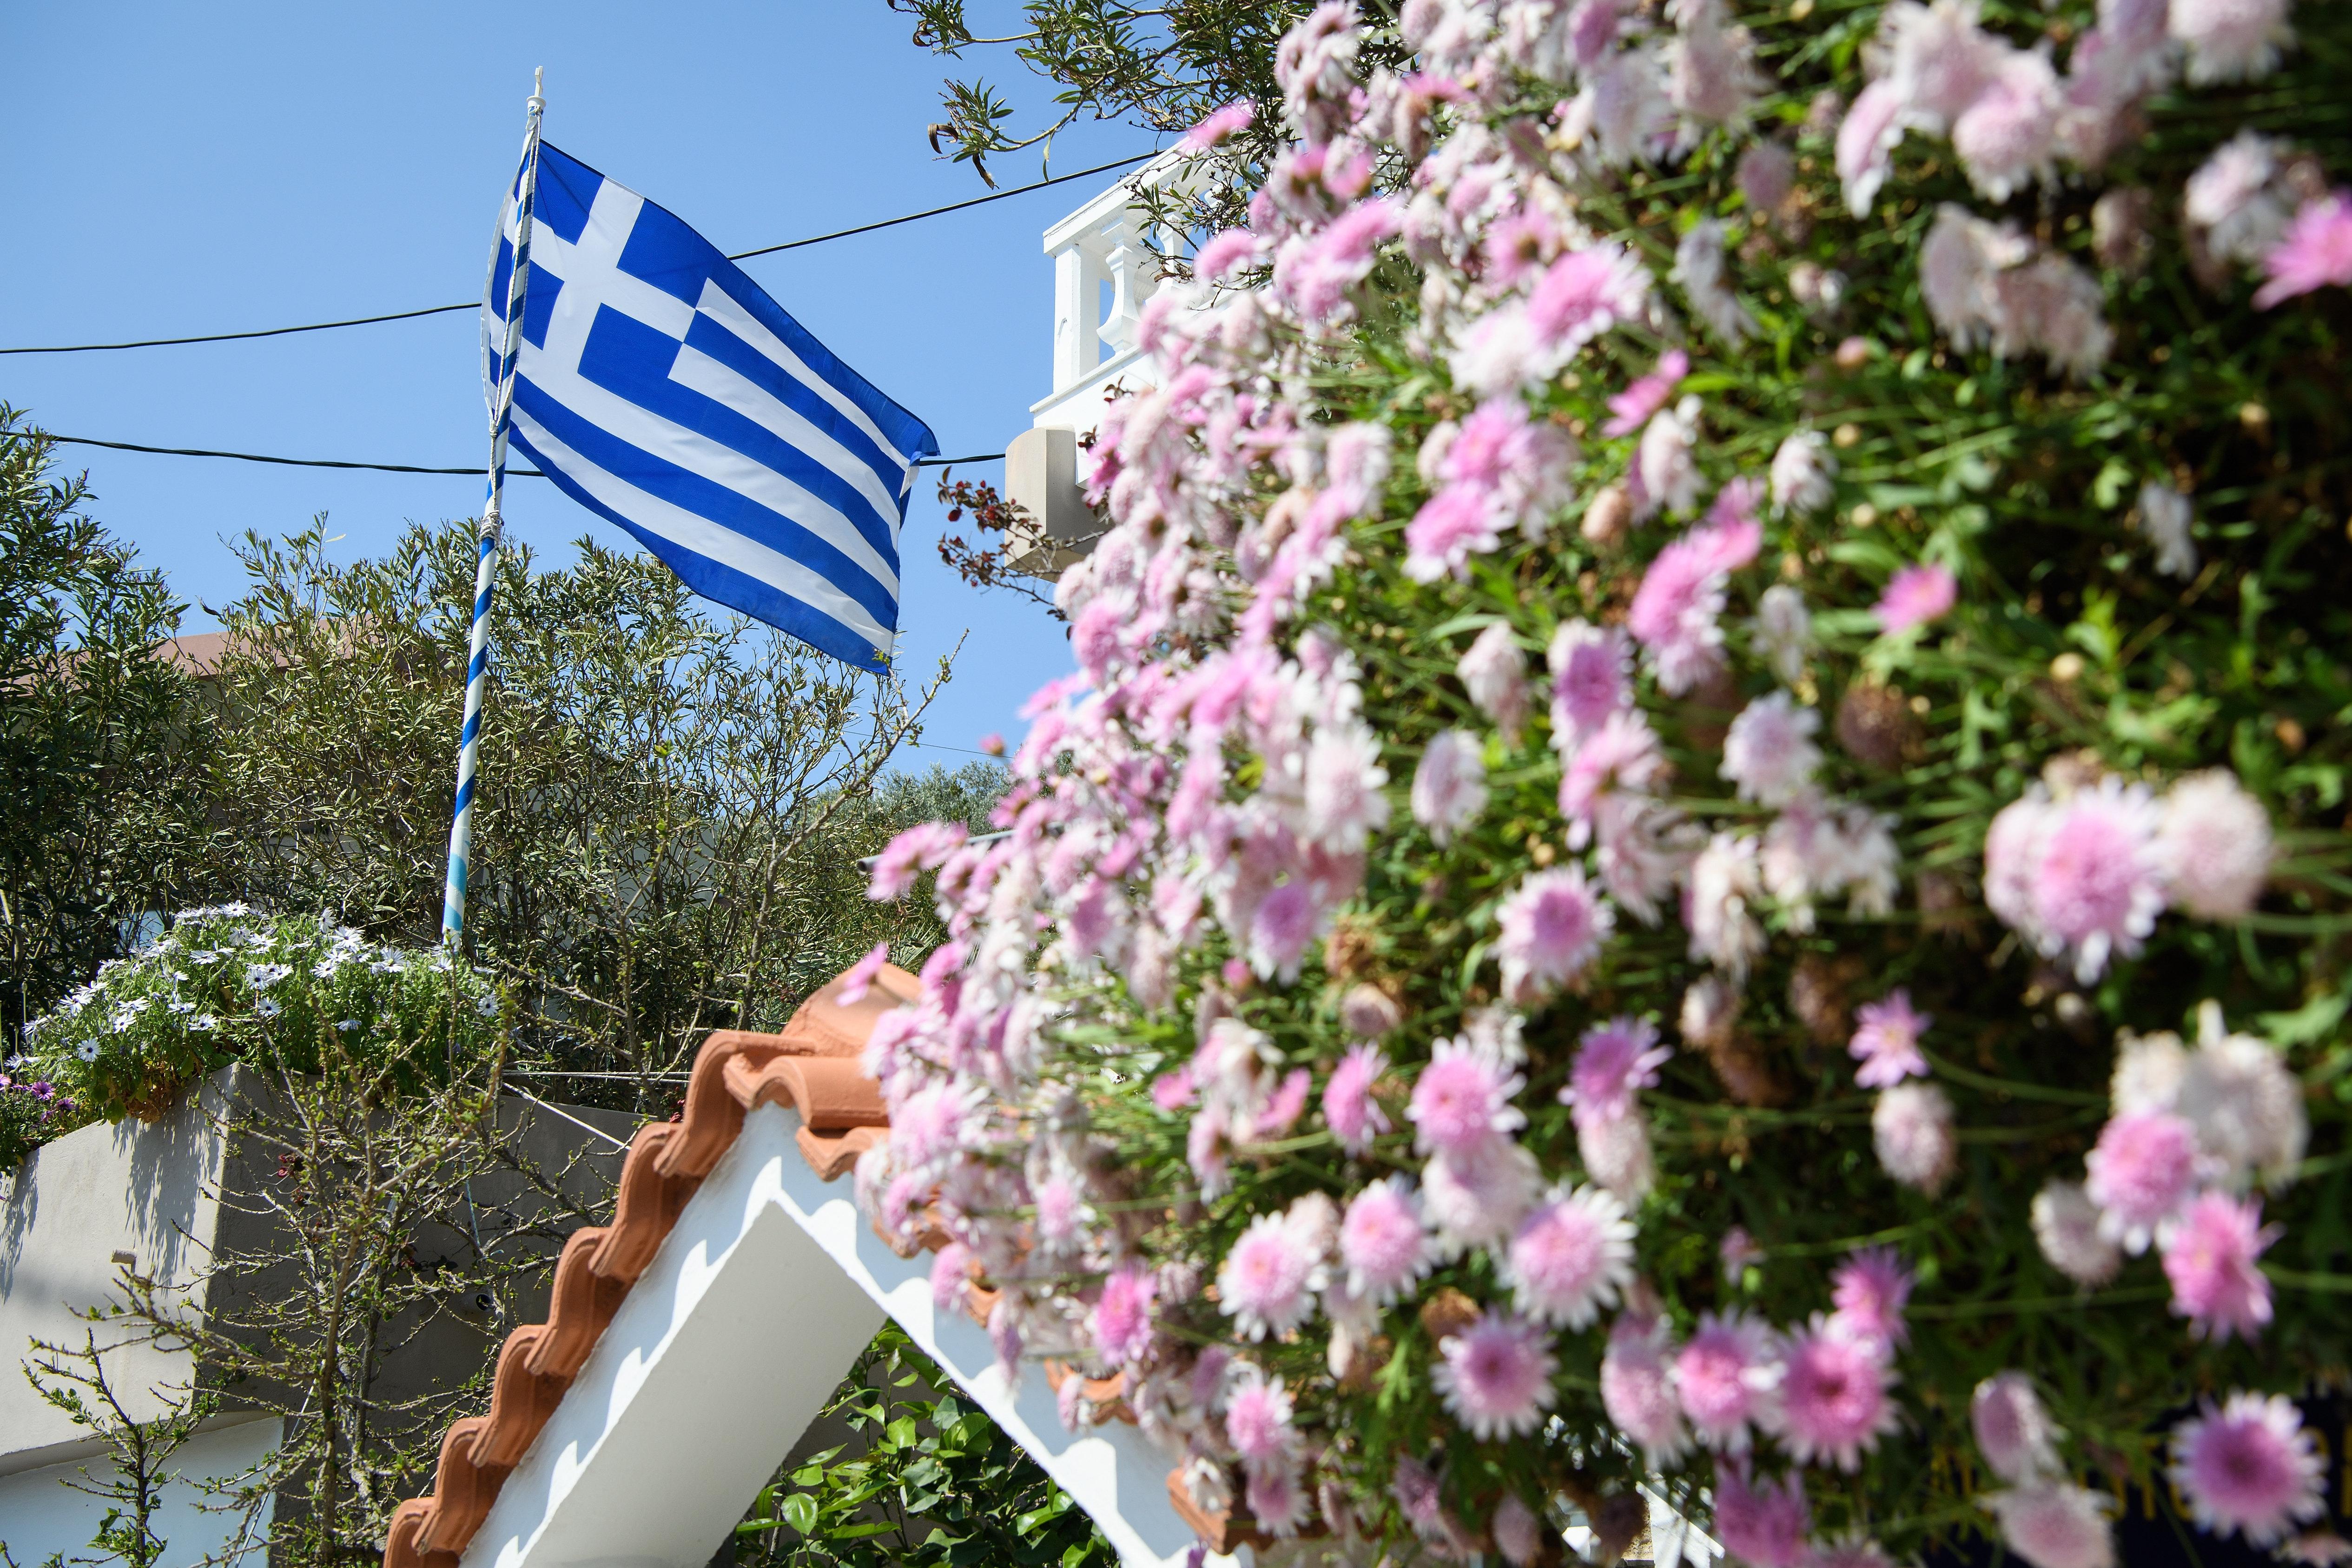 Μια αιωνιότητα ή μια μέρα για το ελληνικό